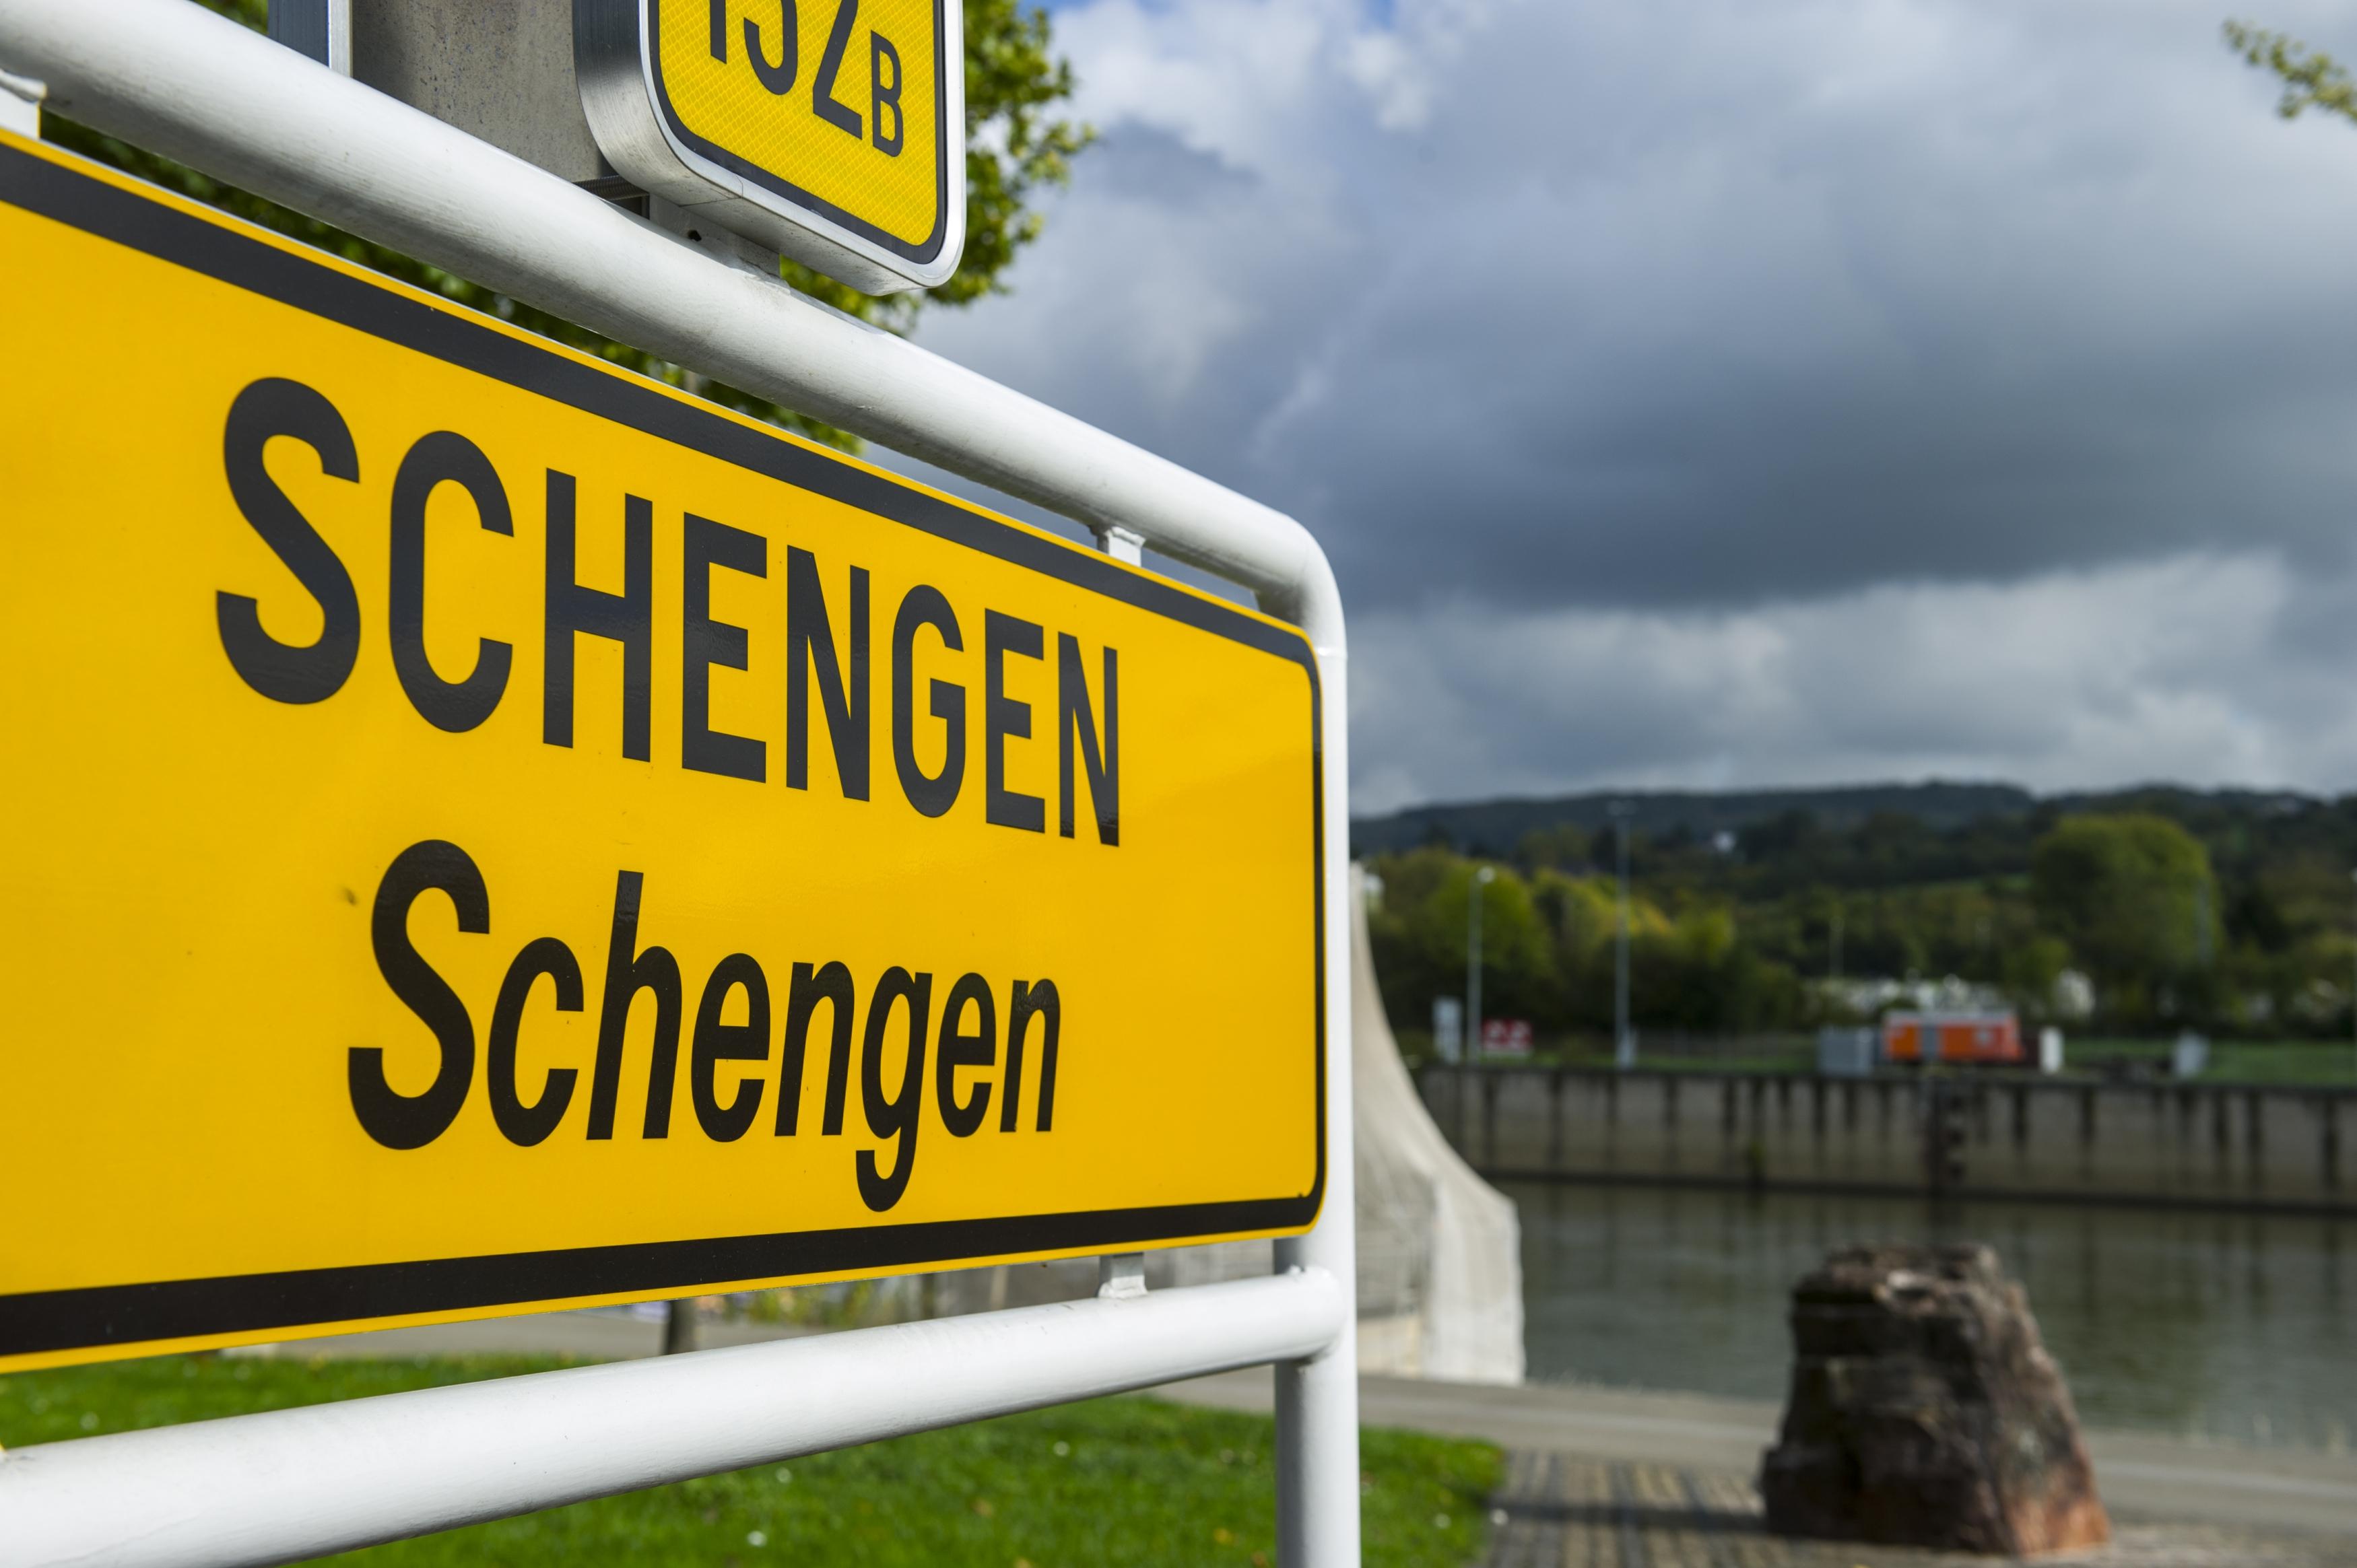 Spațiul-Schengen-este-subminat-de-corupția-din-unele-state